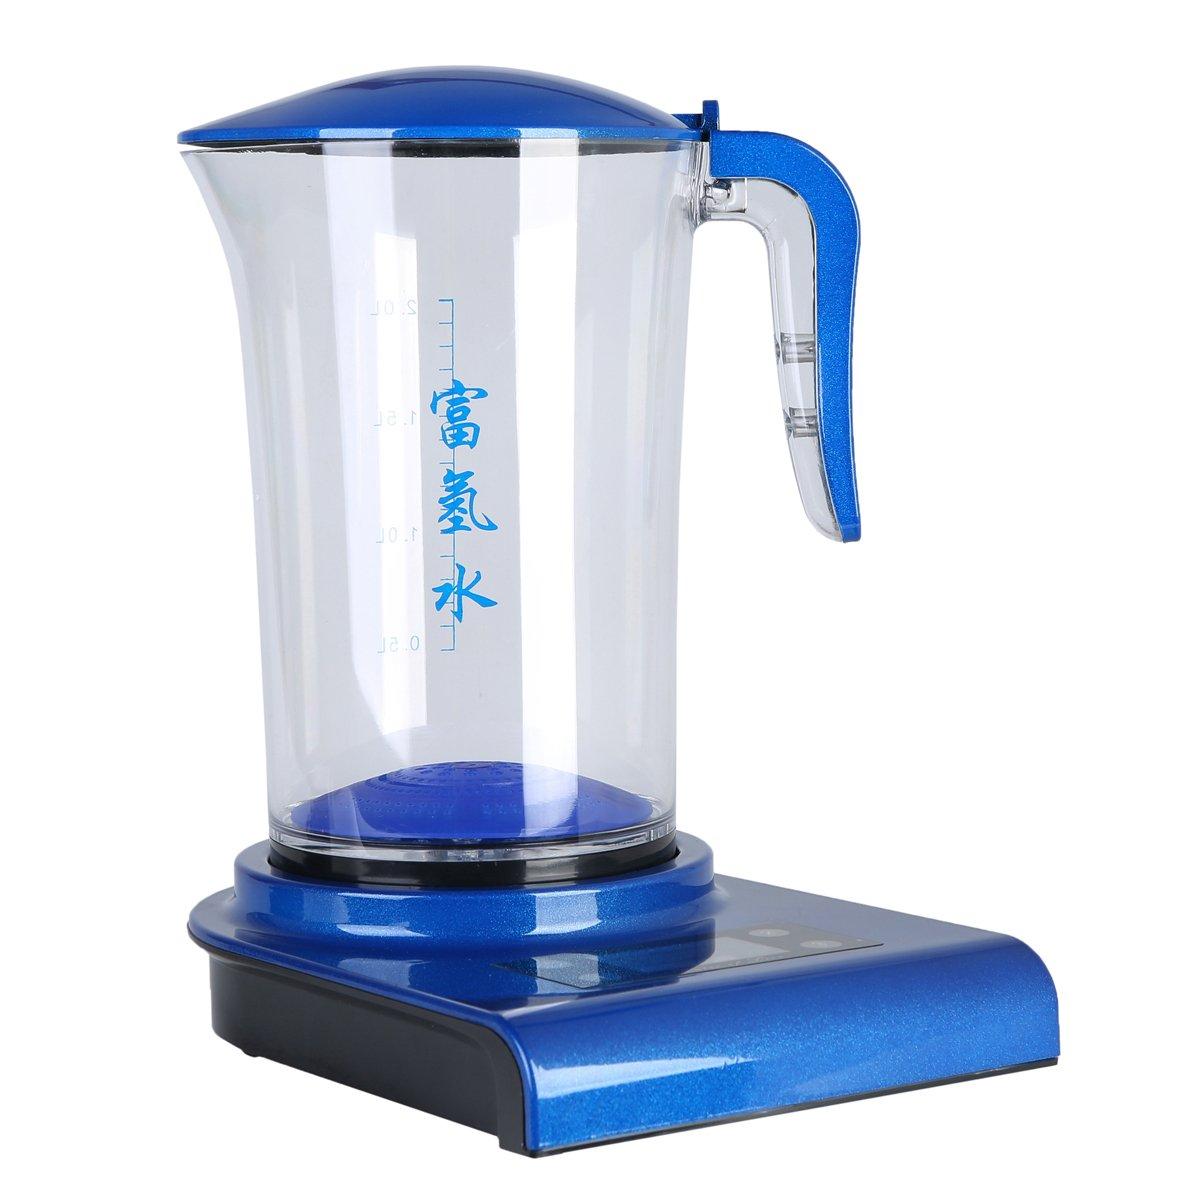 Synteam 2.0L Hydrogen-Rich Water Maker Generator,Alkaline Water Generator, Water Ionizer,Filter Jug Maker Fucntional Water Bottle (blue)